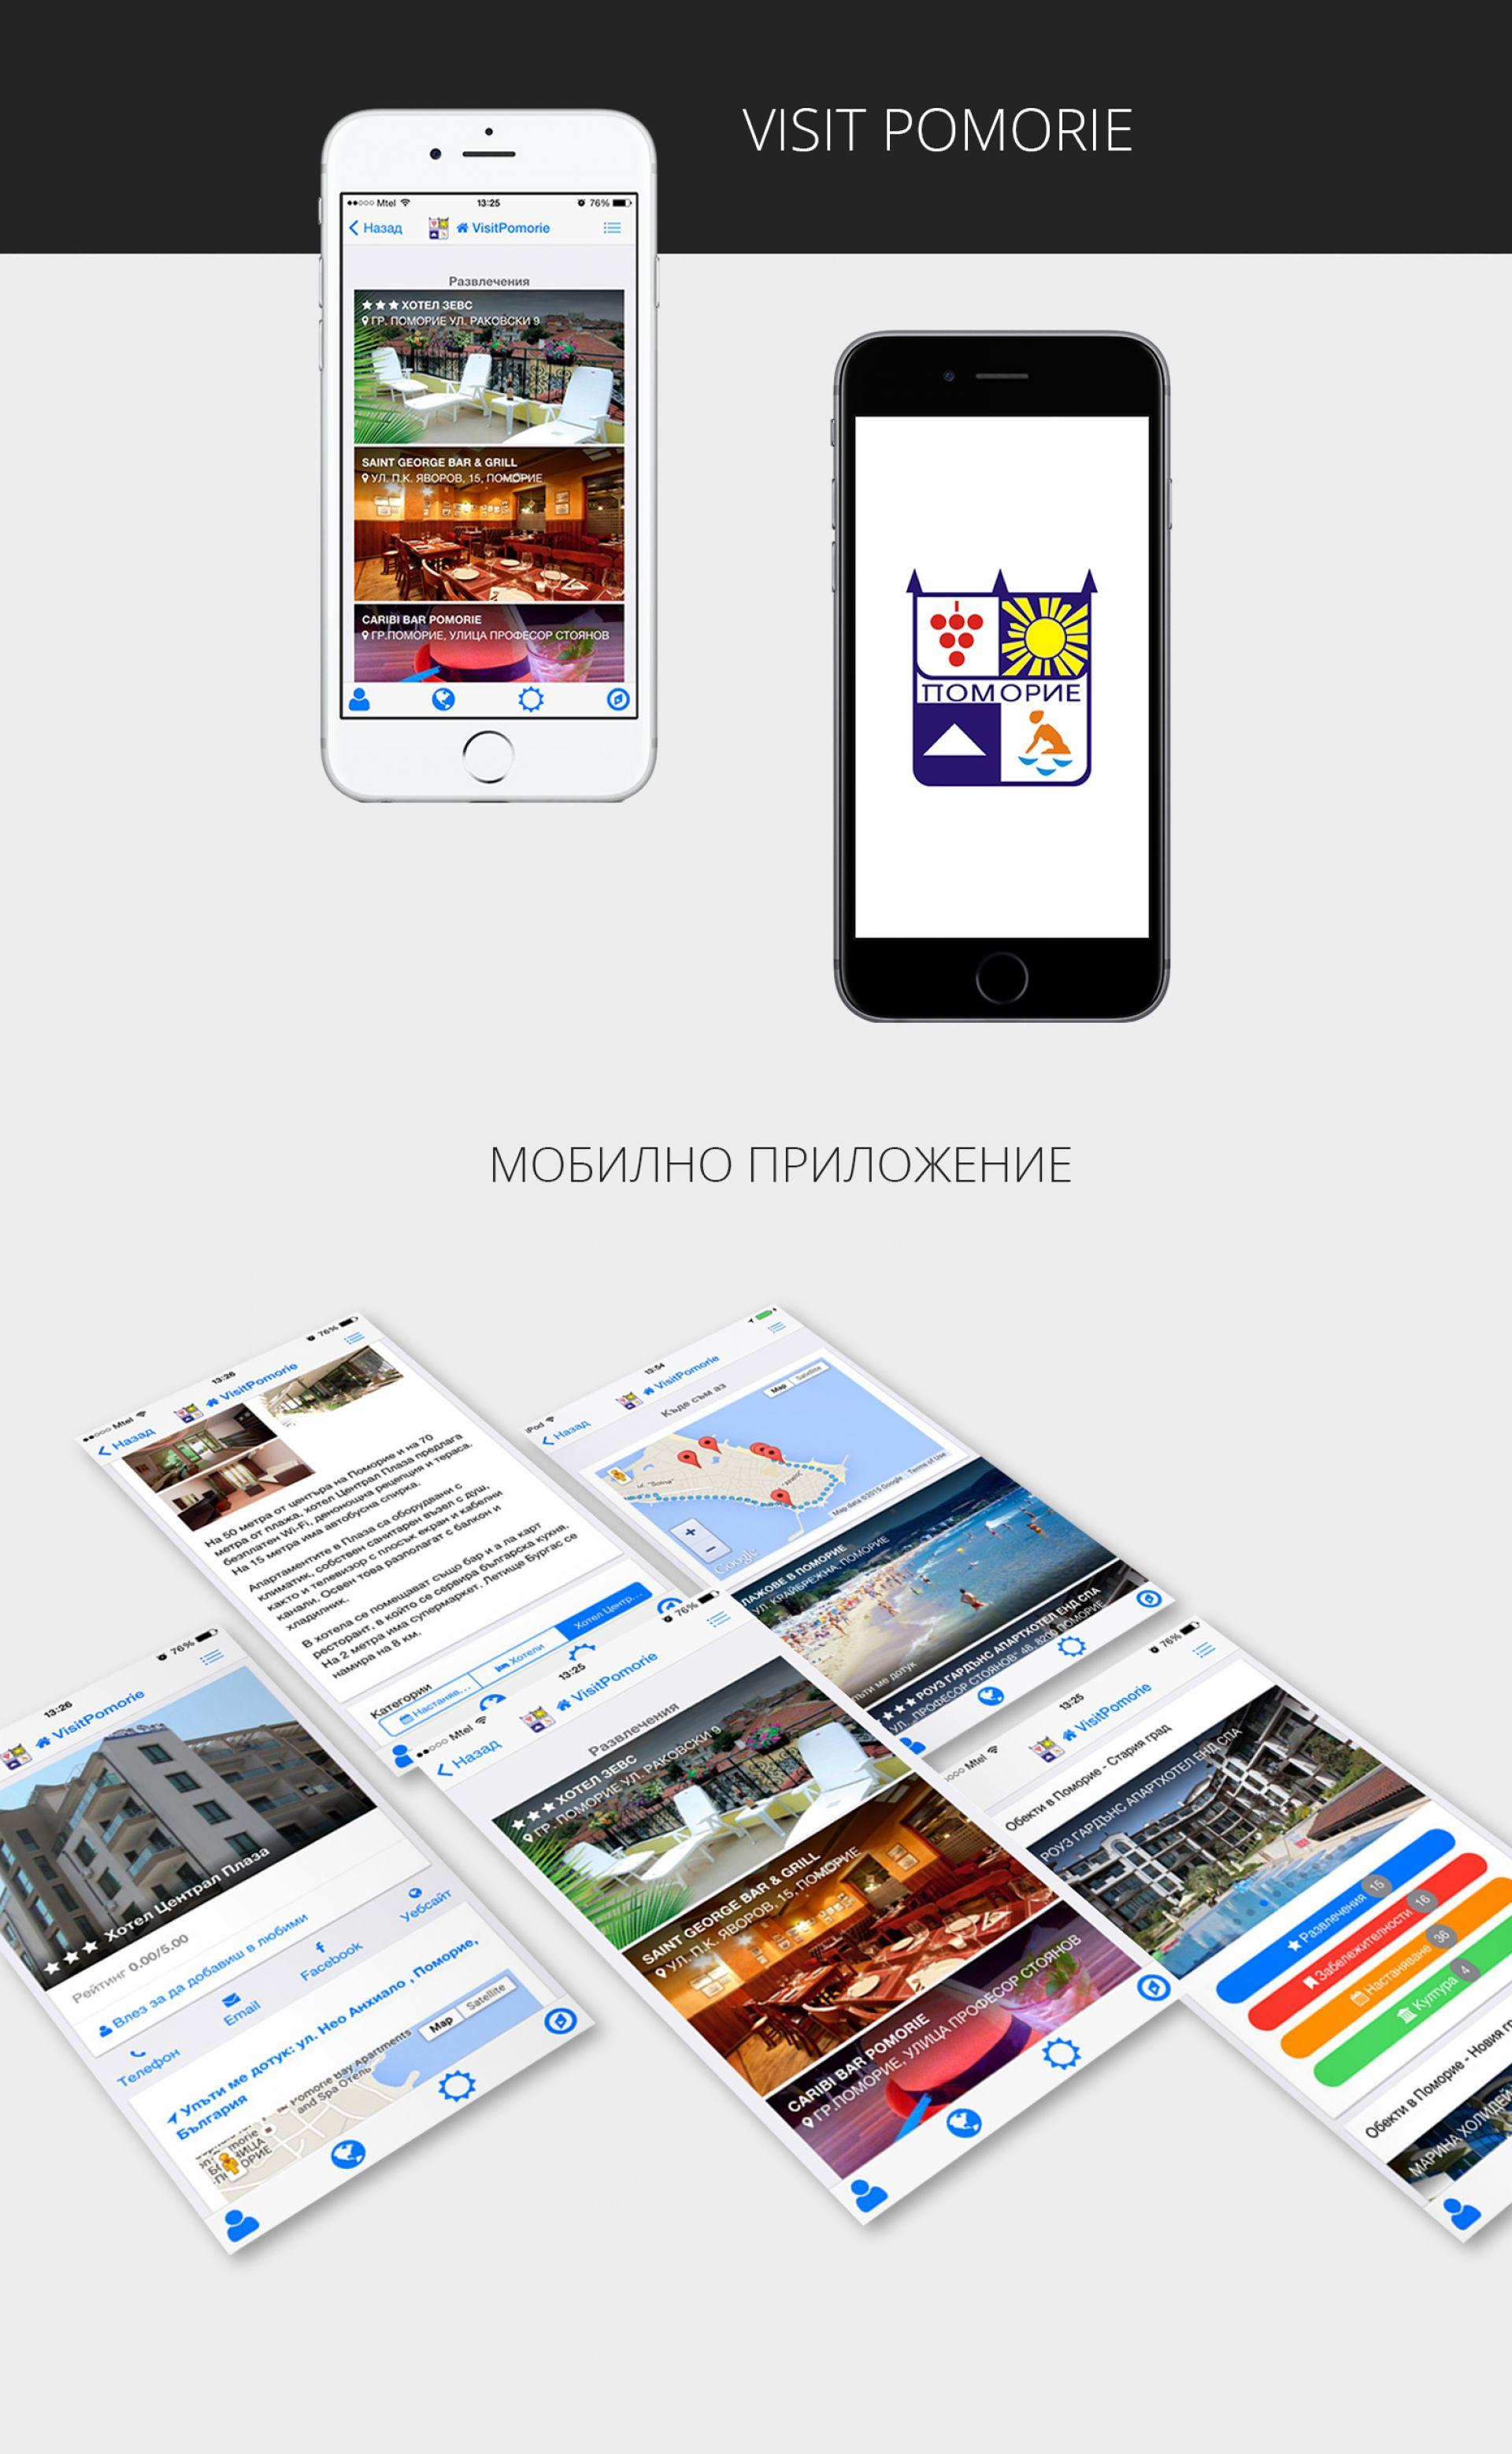 Visit Pomorie - Мобилно приложение